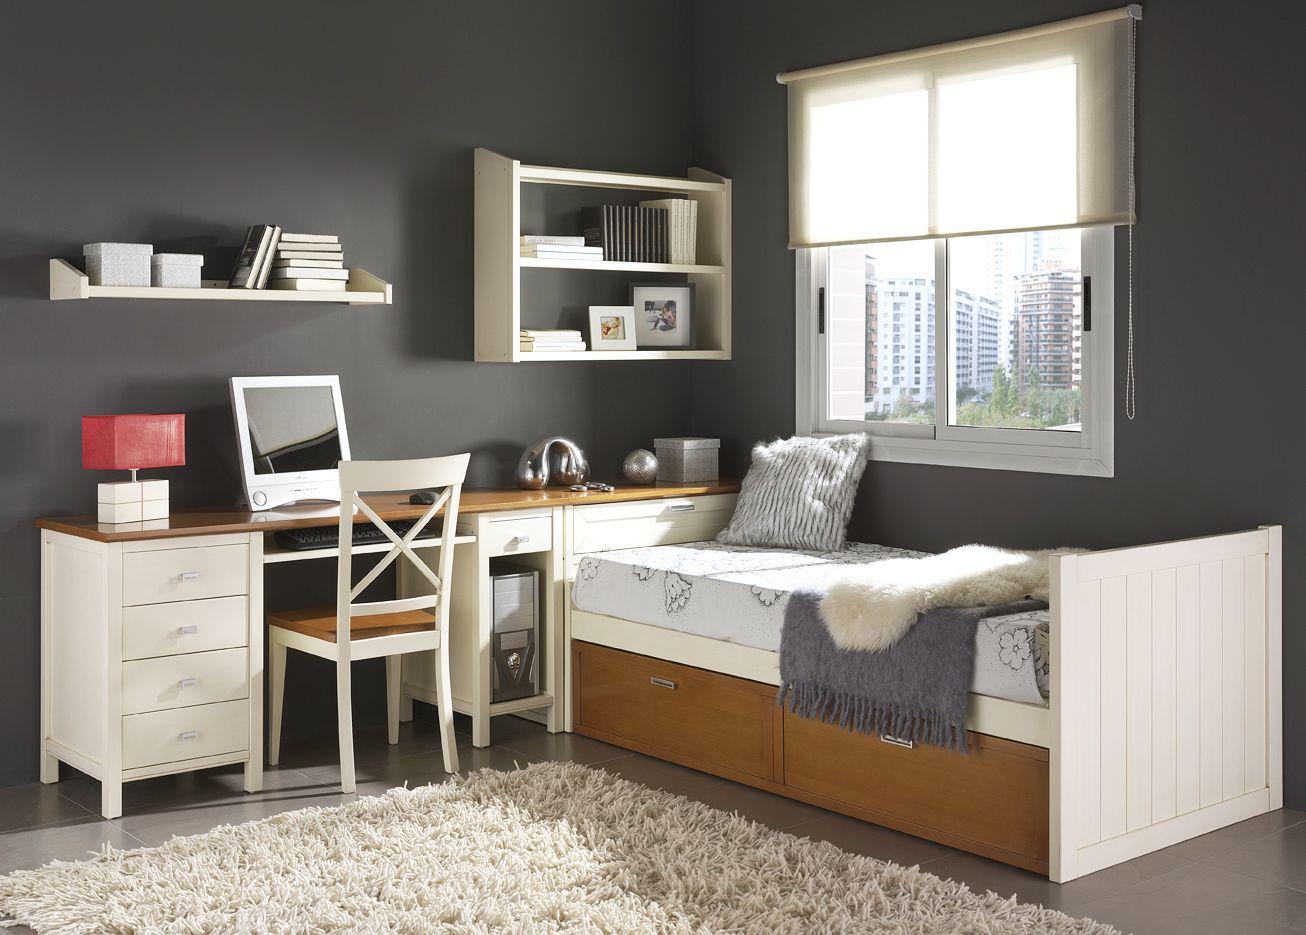 dormitorio juvenil de madera cama nido y con escritorio ms info en tudecora